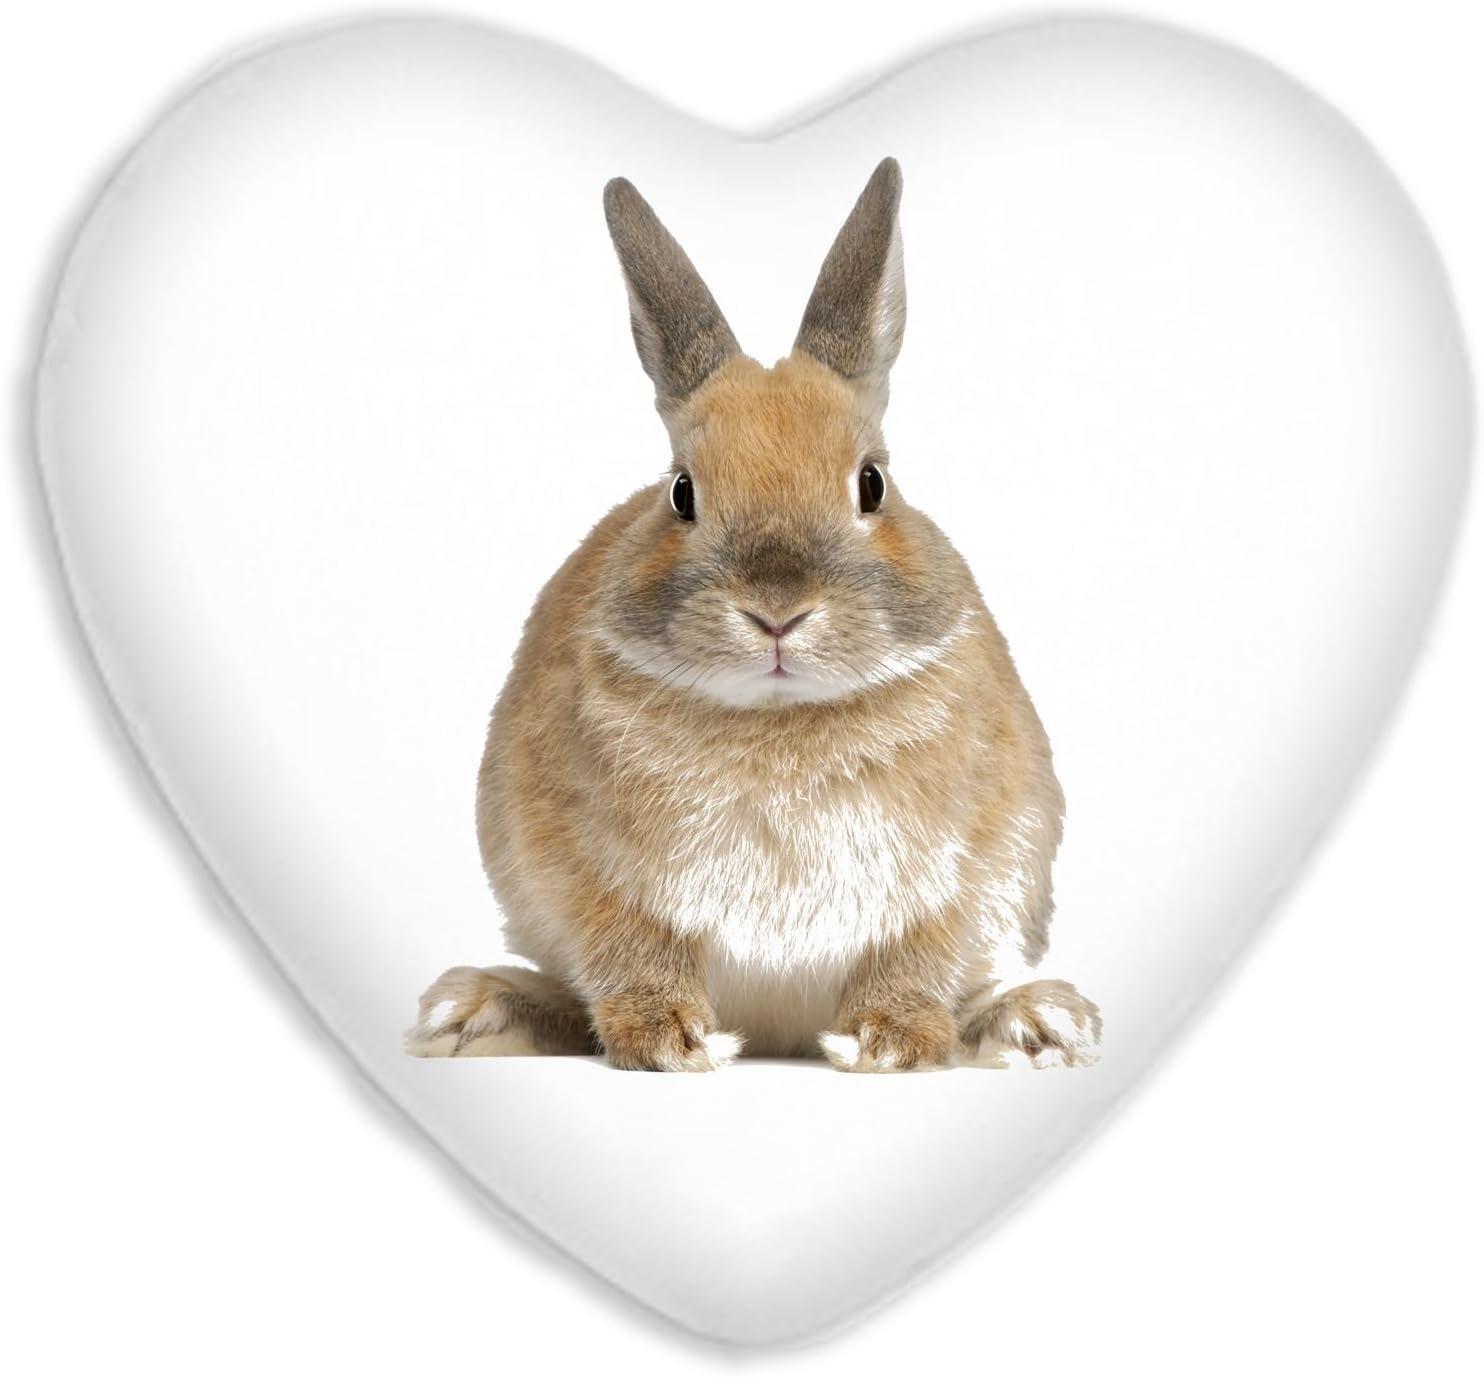 Rabbit Cute Animals Faux Silk Heart Shaped Sofa Cushion